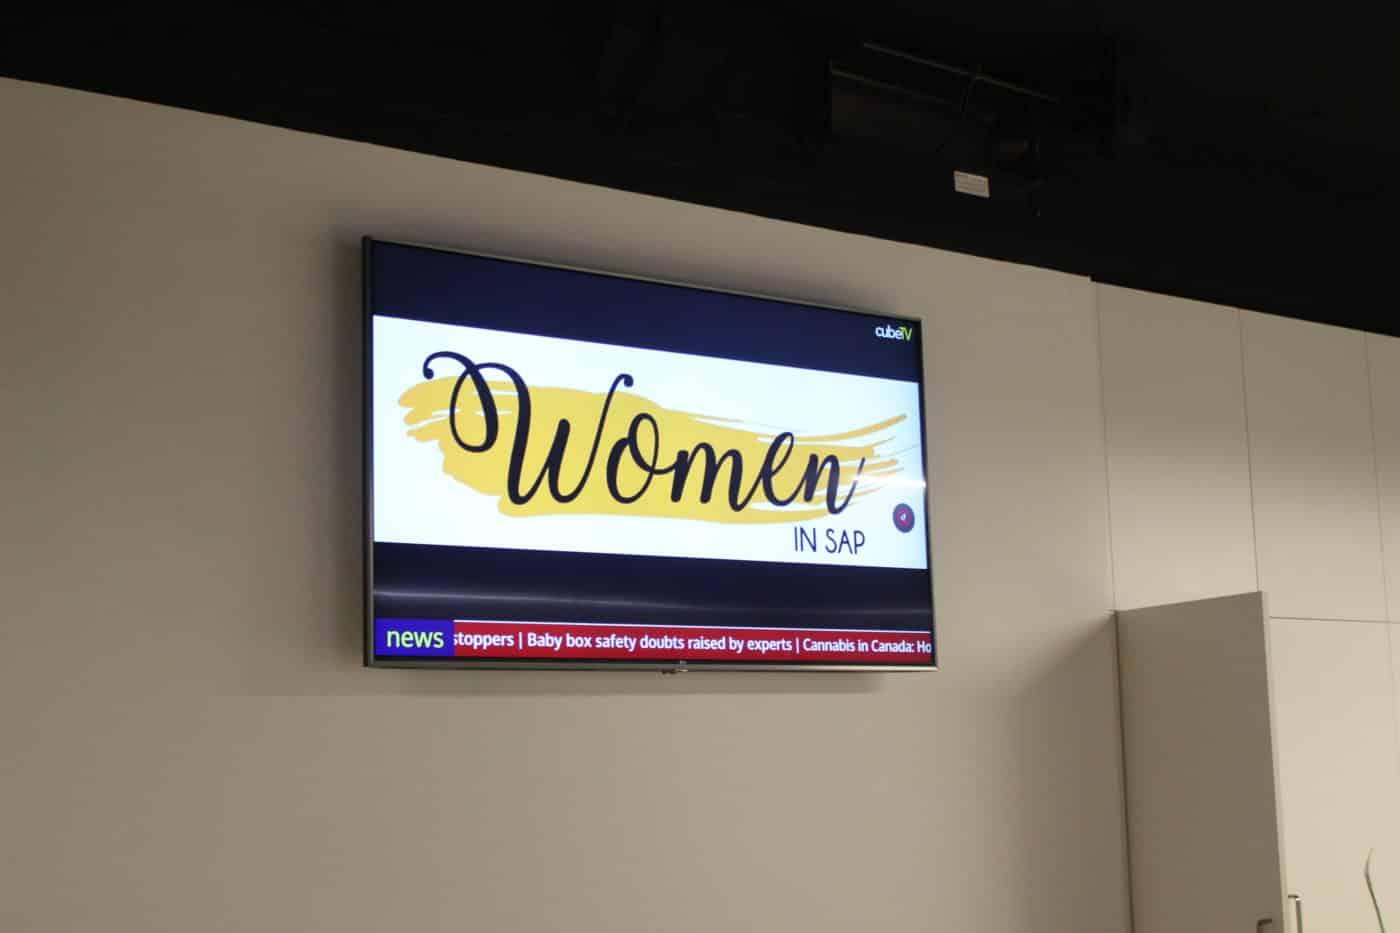 Women in SAP